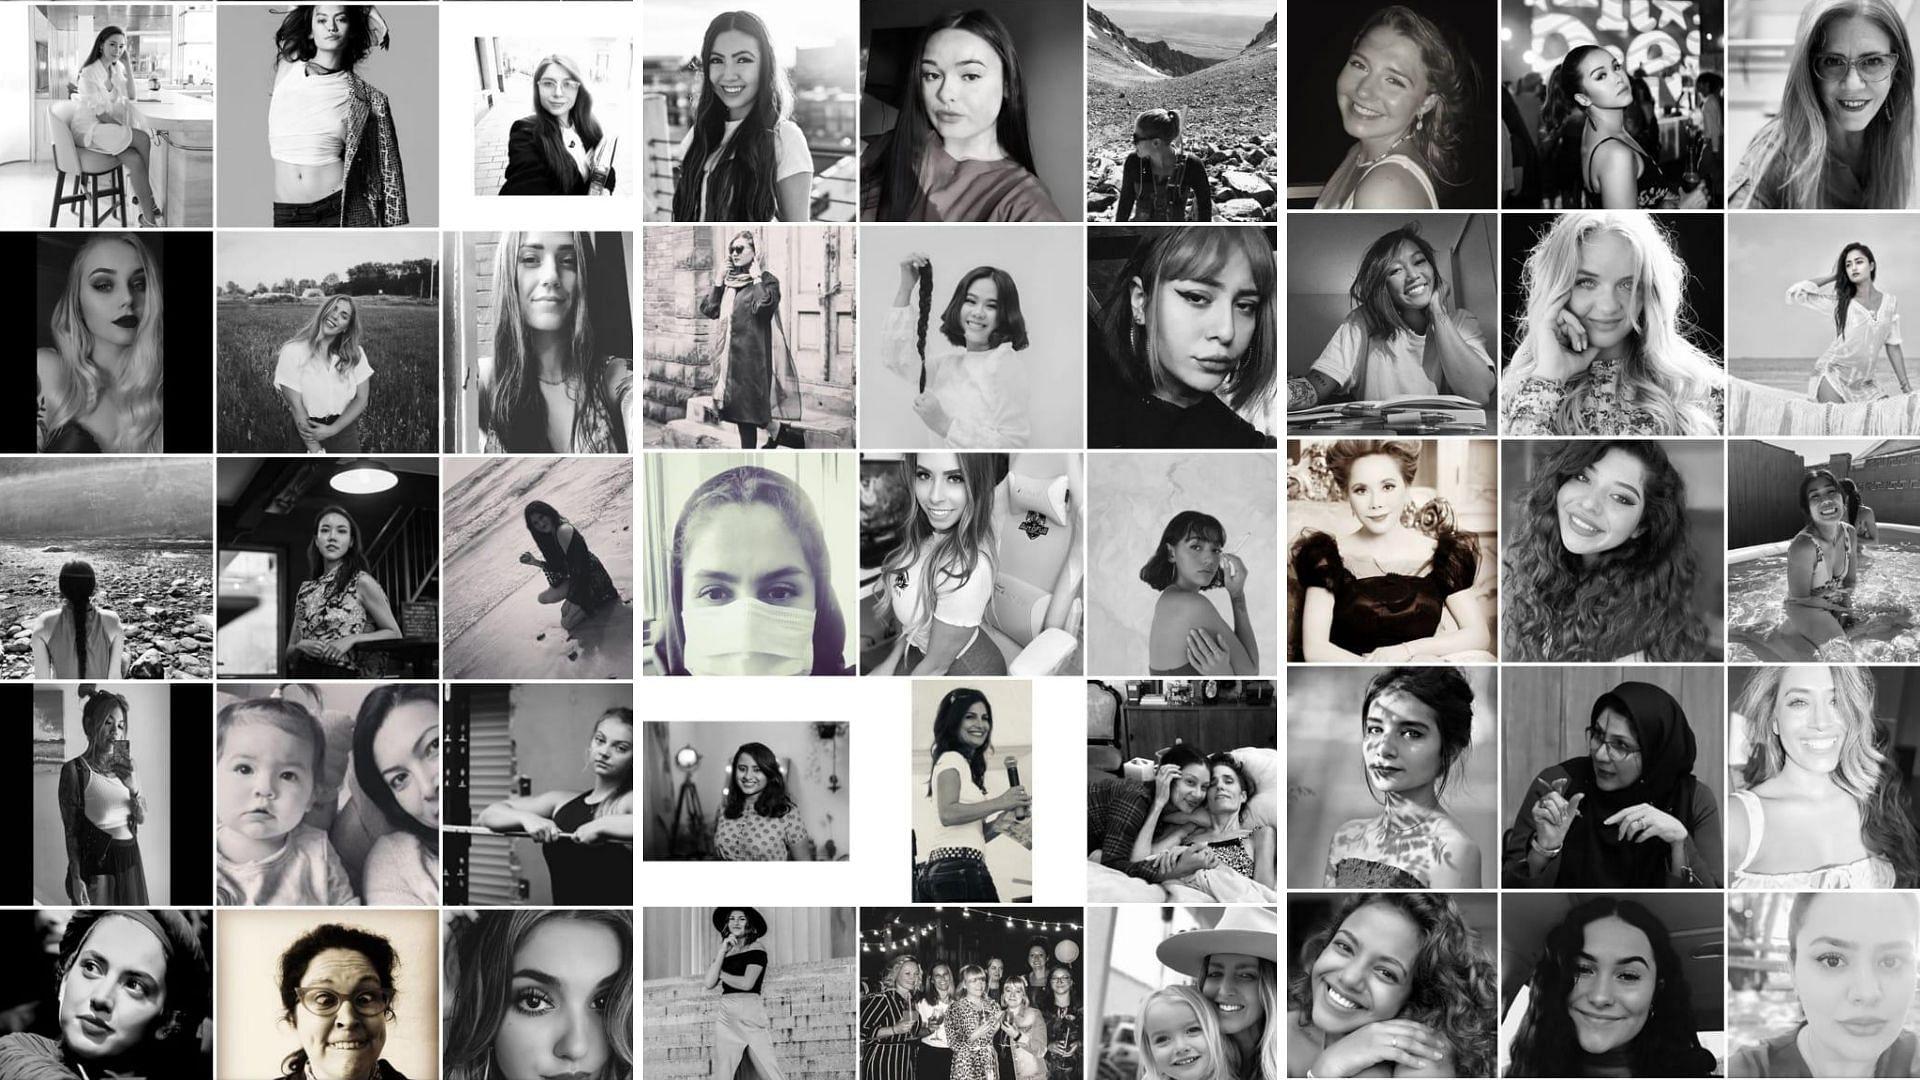 स्त्री हत्या के खिलाफ तुर्की से शुरू हुई महिला सोलिडेरिटी की कहानी #AbBolnaHoga